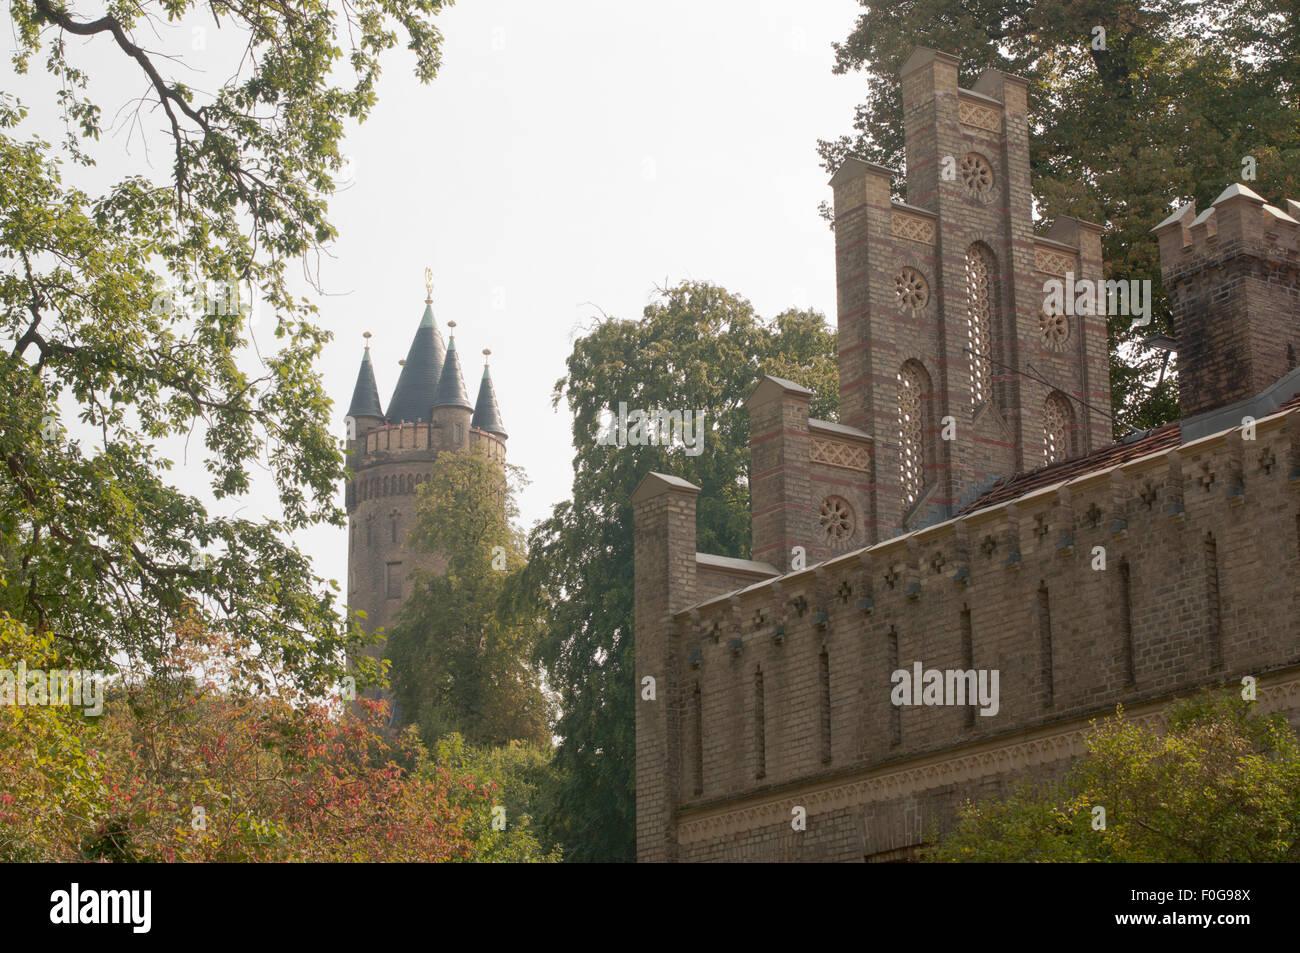 Matrosenhaus im Potsdamer  Park des Babelsberger Schlosses, Backsteingotik - Stock Image